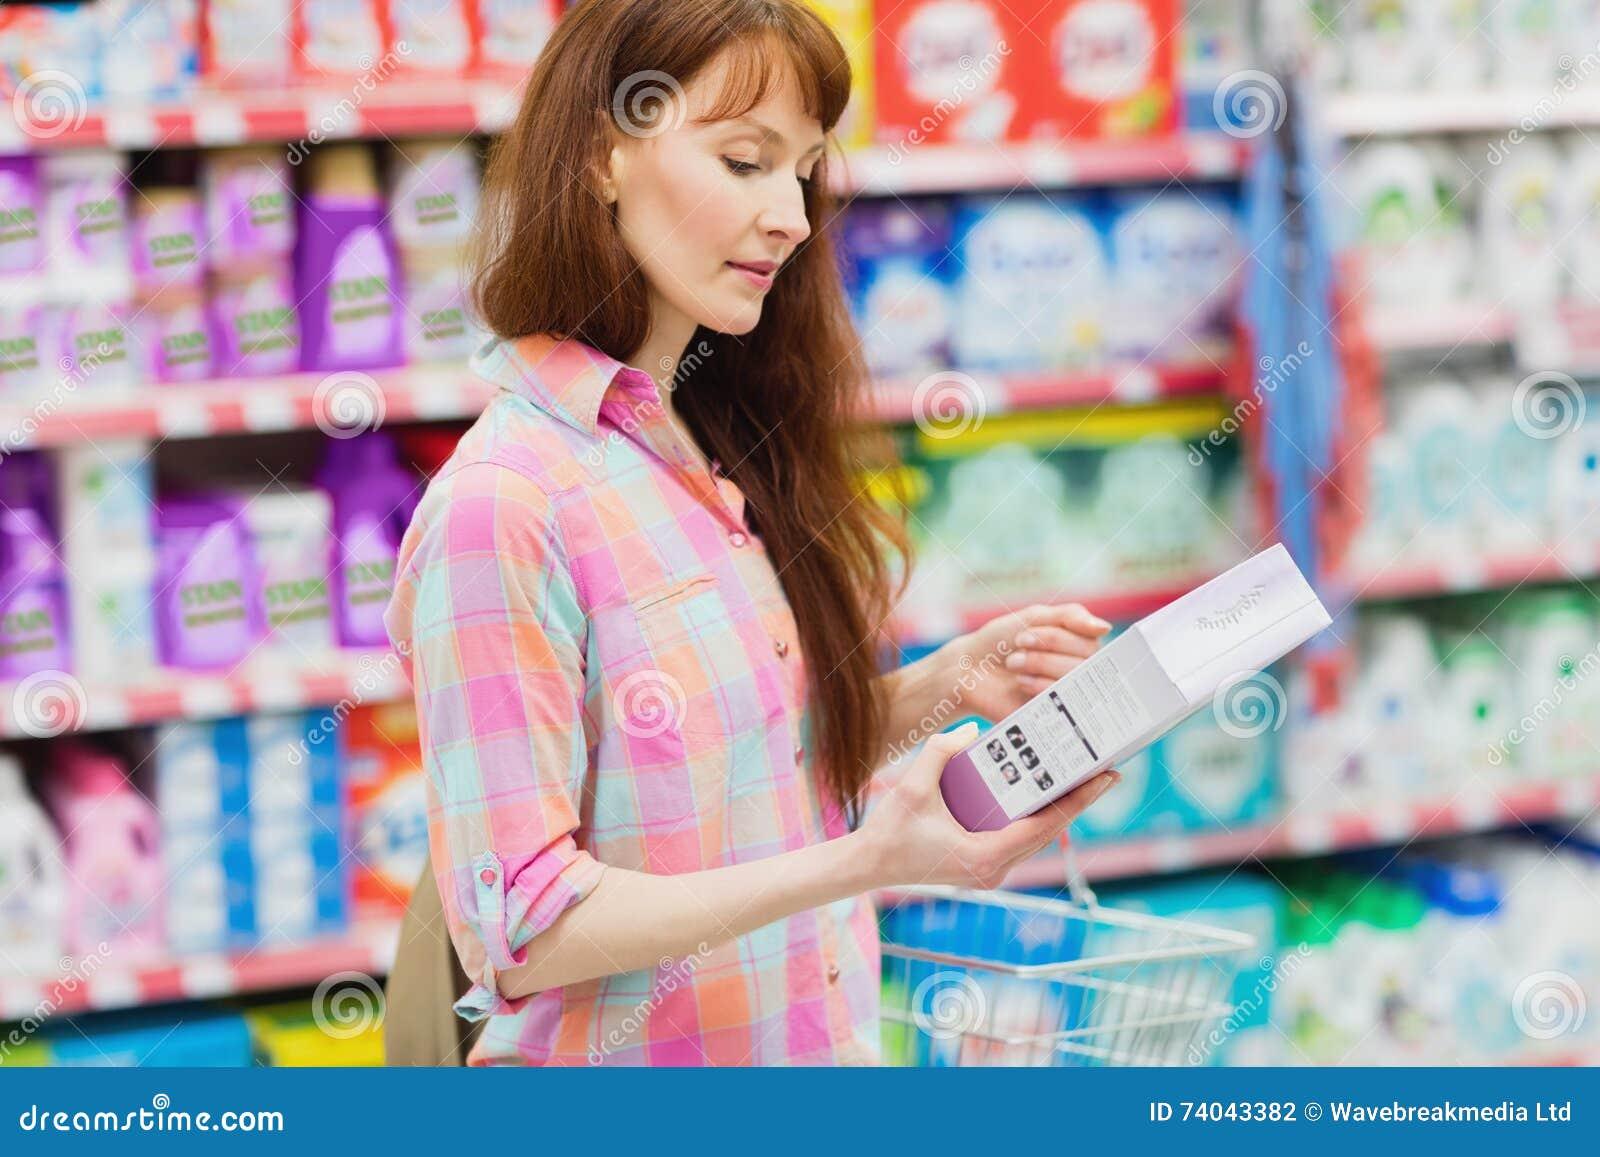 Профилируйте взгляд женщины при корзина для товаров держа продукт